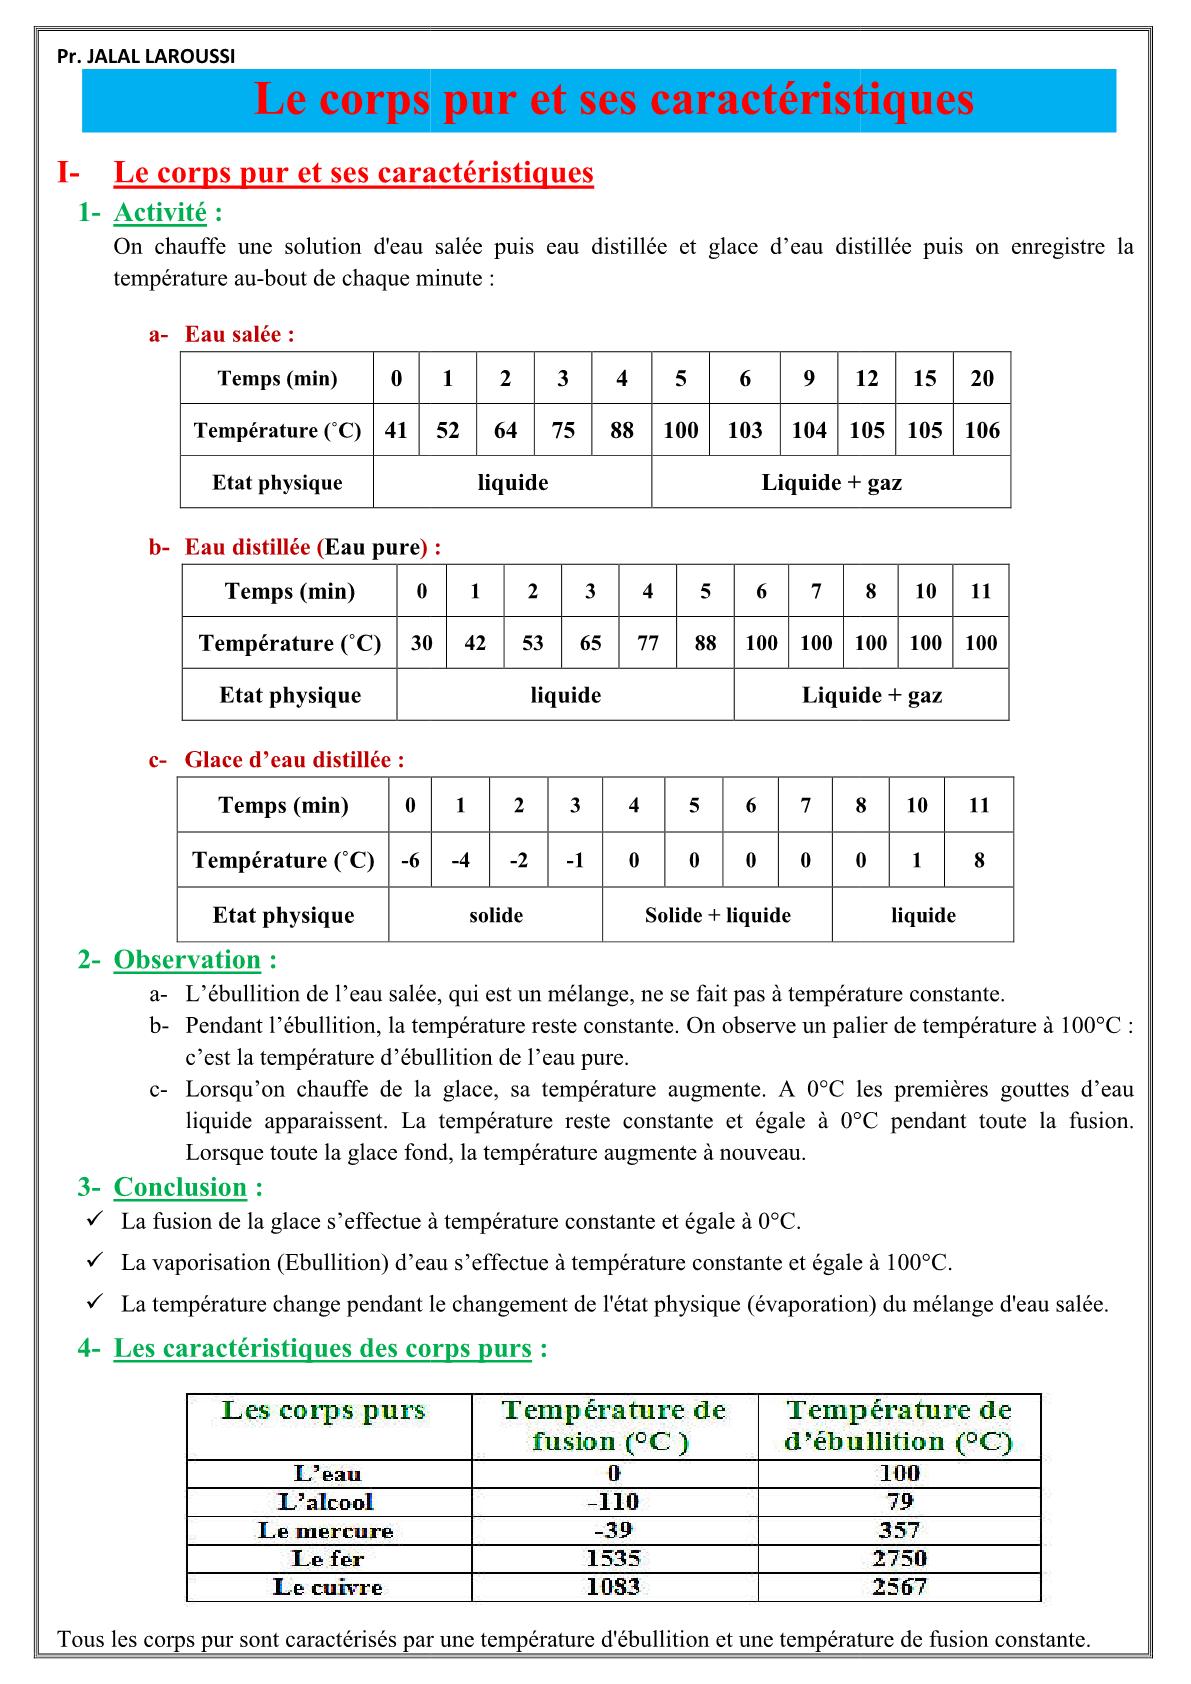 درس Le corps pur et ses caractéristiques للسنة الأولى اعدادي